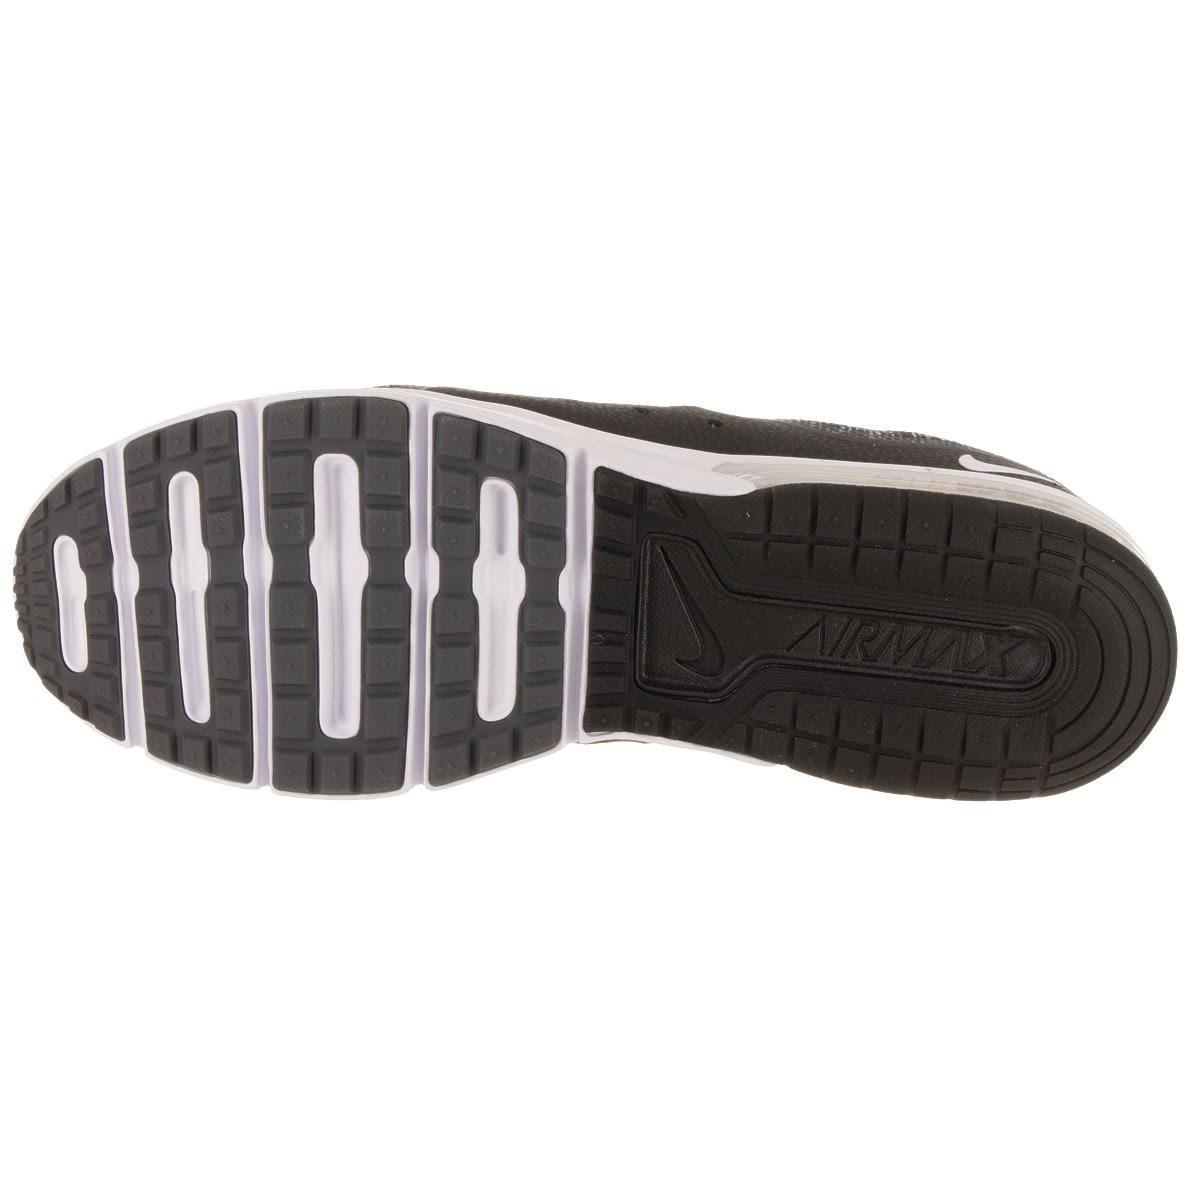 Grigio 11 Nerobianco Max di Scarpa Nike da Air MaxUomo 3 5 running scuro MqSzUpV